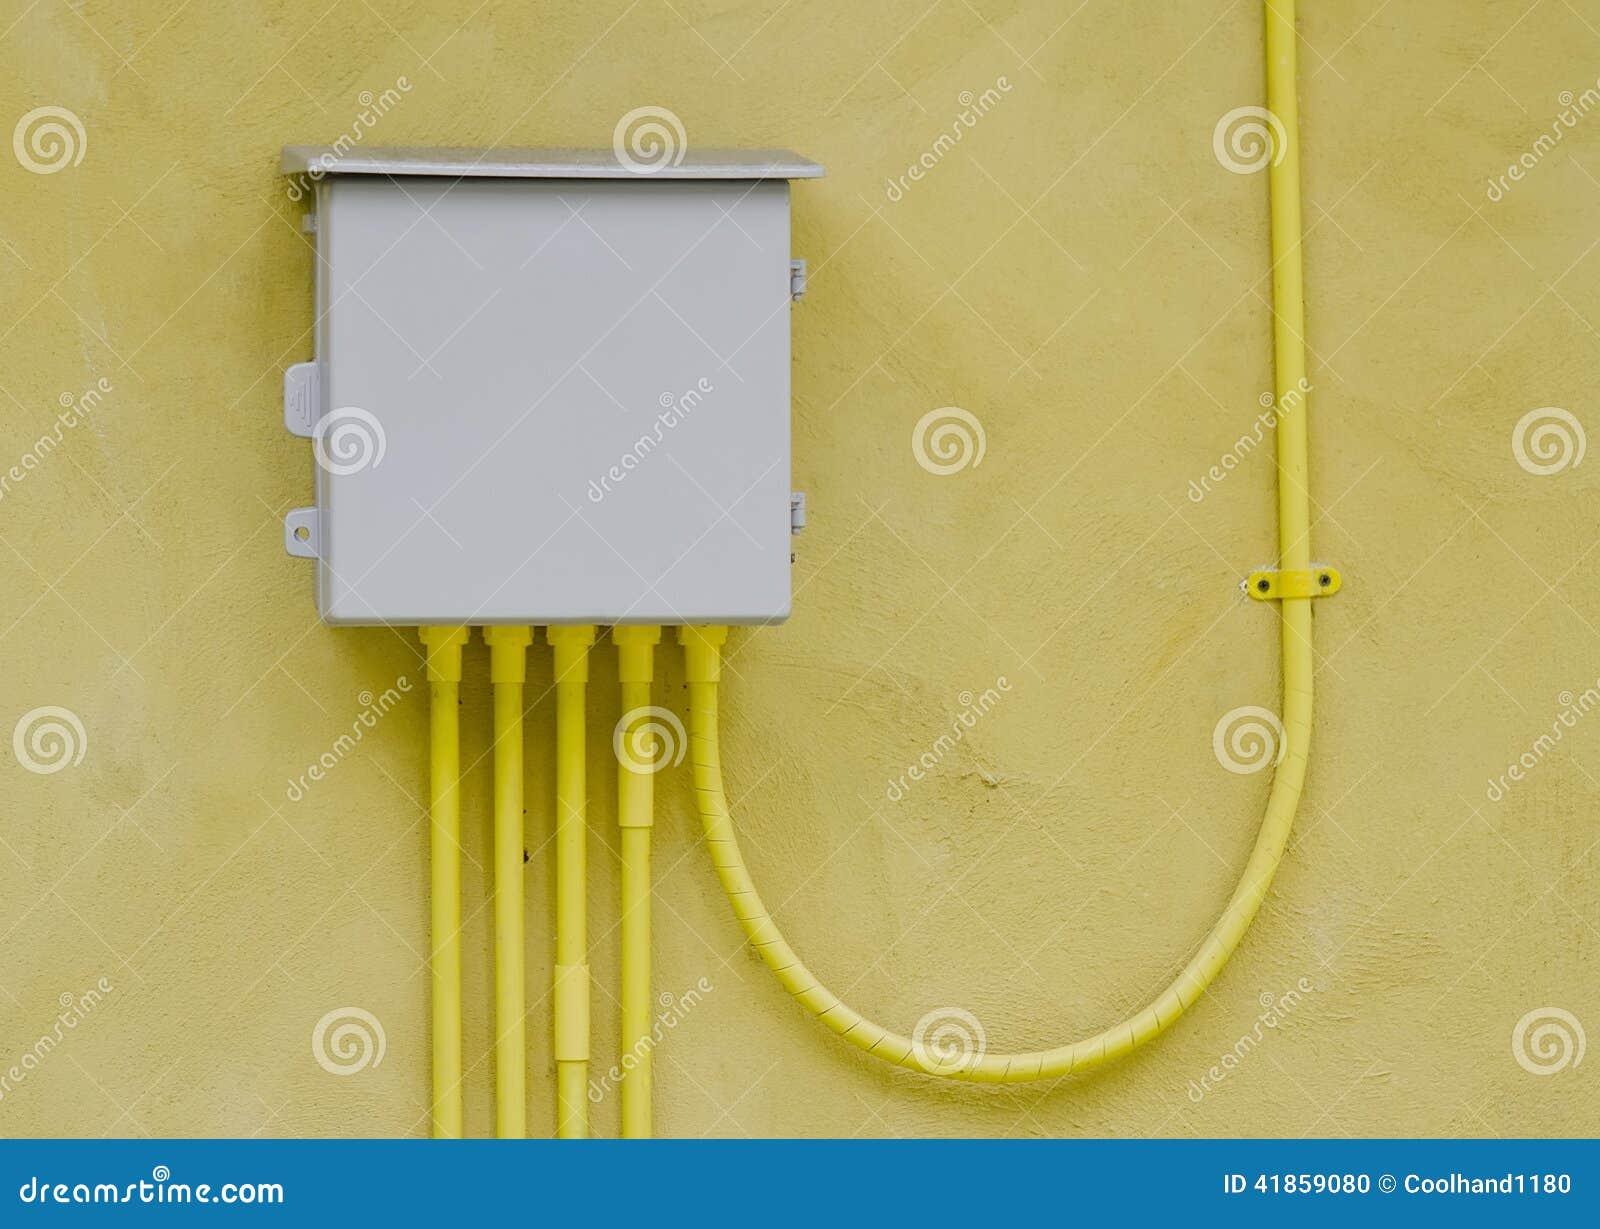 Fein Schalttafel Für Elektrische Schalttafeln Fotos - Beispiel ...